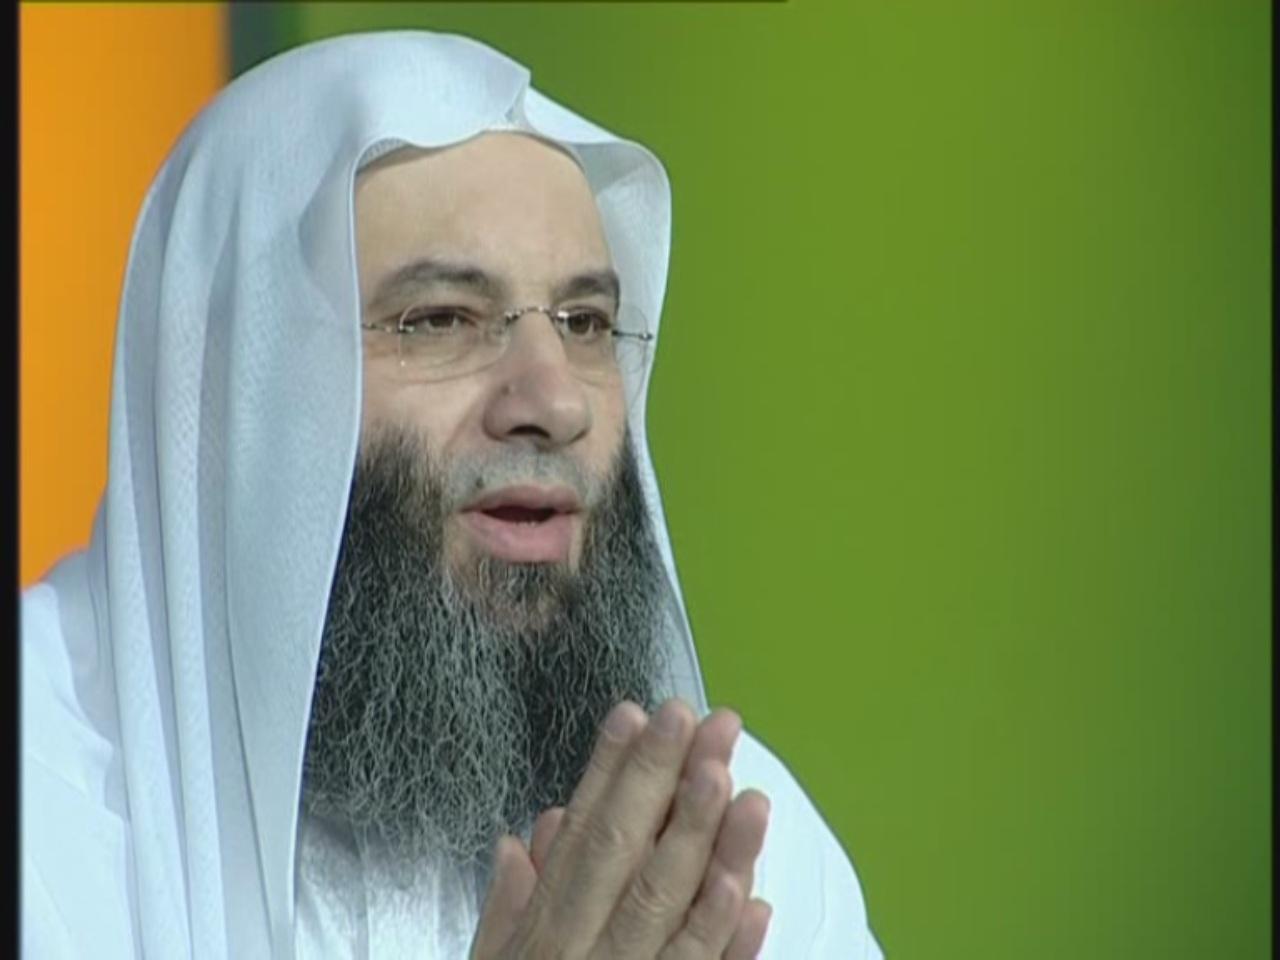 بالفيديو ... من أجمل ما خطب الشيخ محمد حسان .. الله مولانا